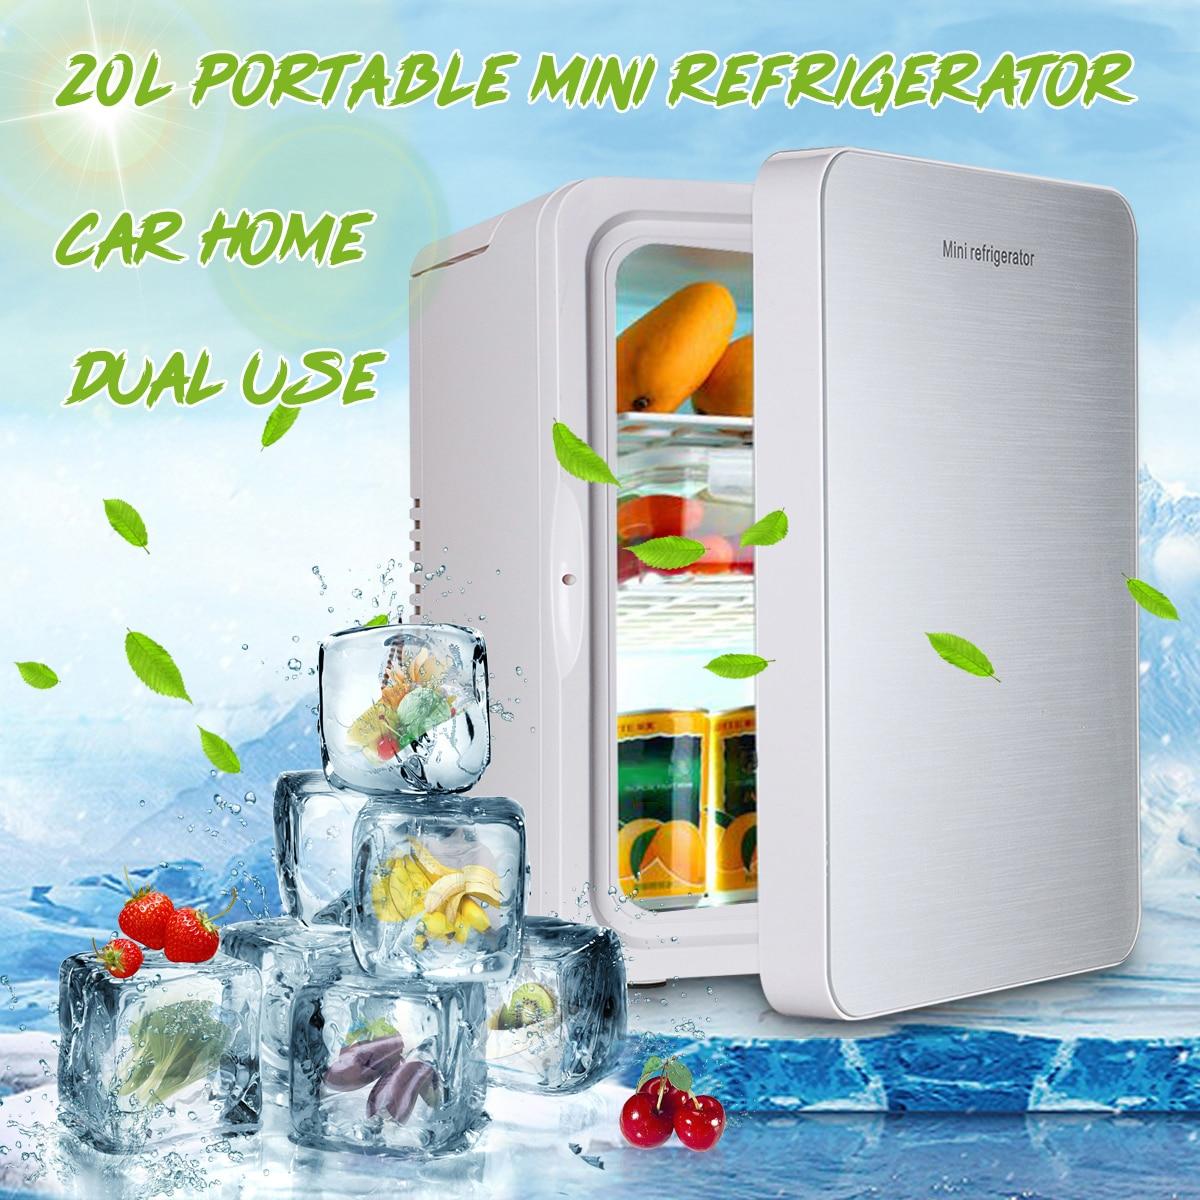 20L переносной мини холодильник 12 В/220 В 56 Вт автомобиль кемпинг домашний холодильник кулер и теплее одноядерный хорошее рассеивание тепла ни